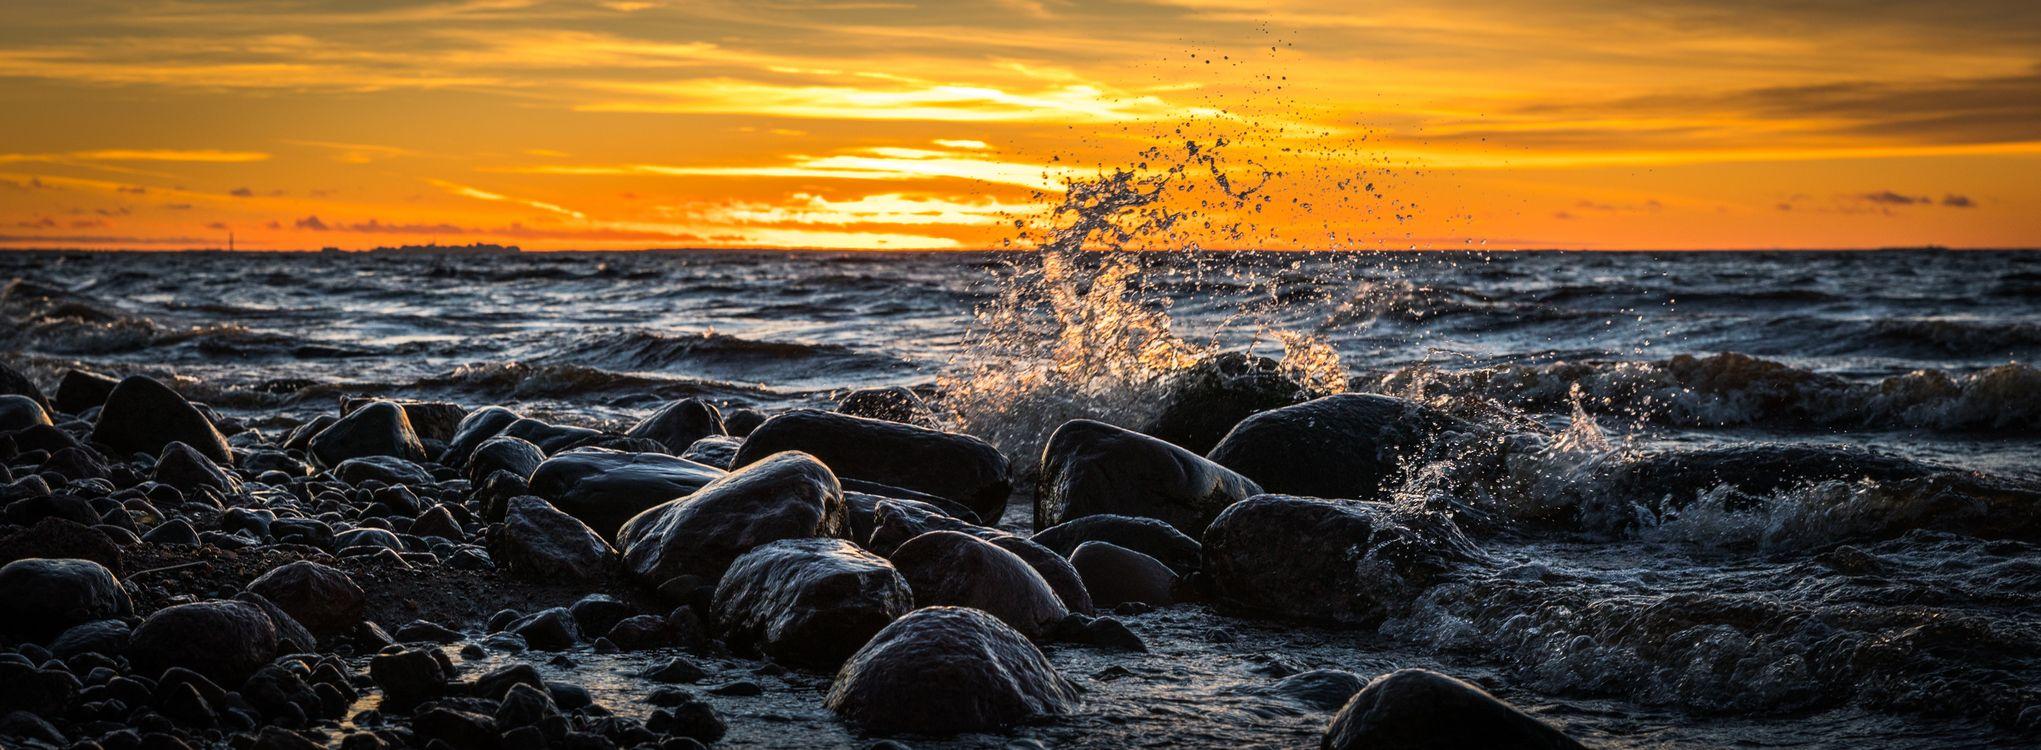 Фото бесплатно пляж, рассвет, пейзаж, длительное воздействие, океан, панорамный, горные породы, море, морской пейзаж, берег моря, берег, небо, всплеск, солнце, закат солнца, природа